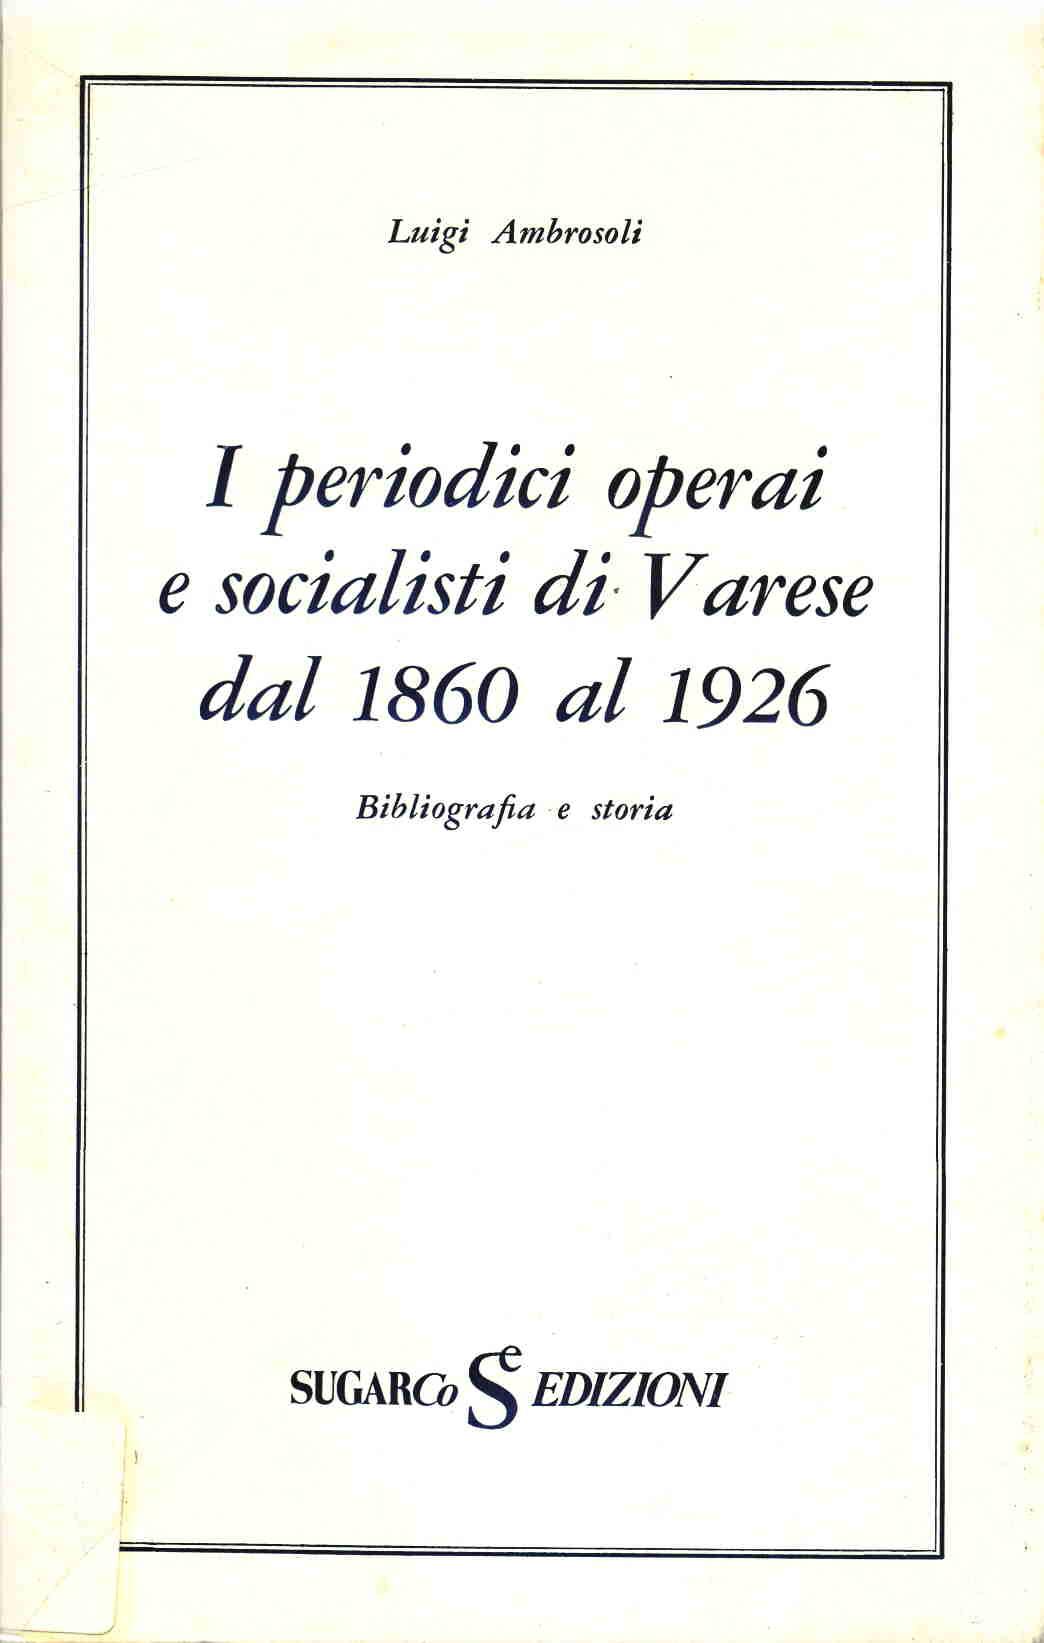 I periodici operai e socialisti di Varese dal 1860 al 1926